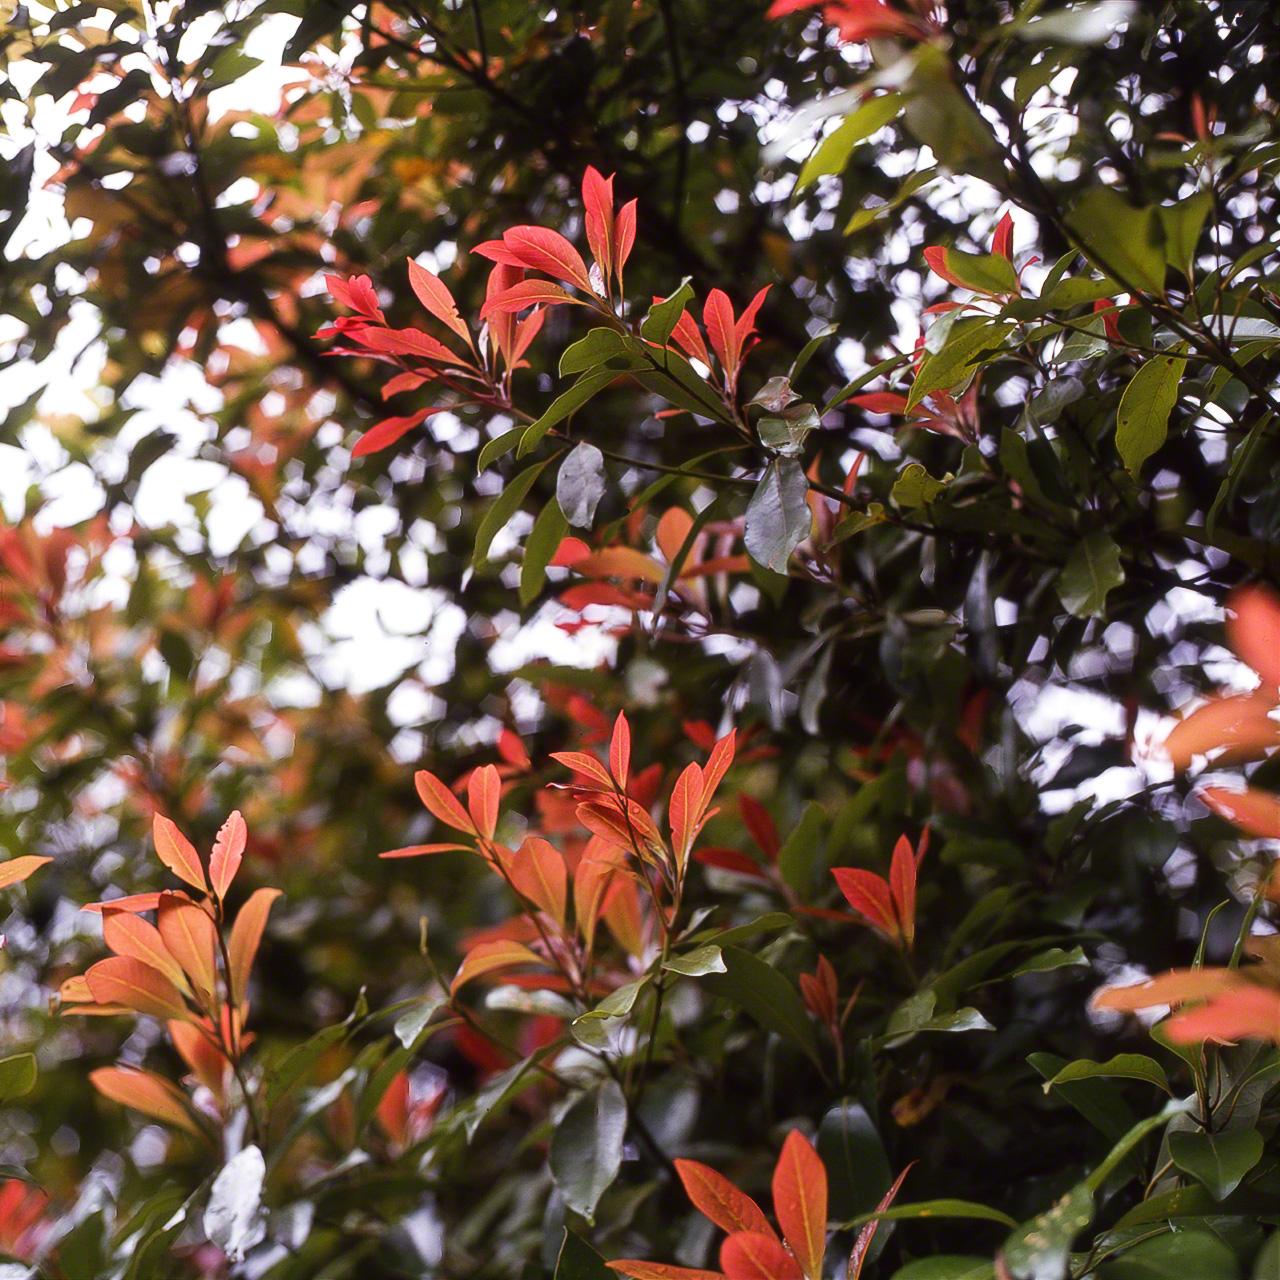 Новые листья Machilus thunbergii. Они бывают разных цветов, от красного до бледно-зелёного